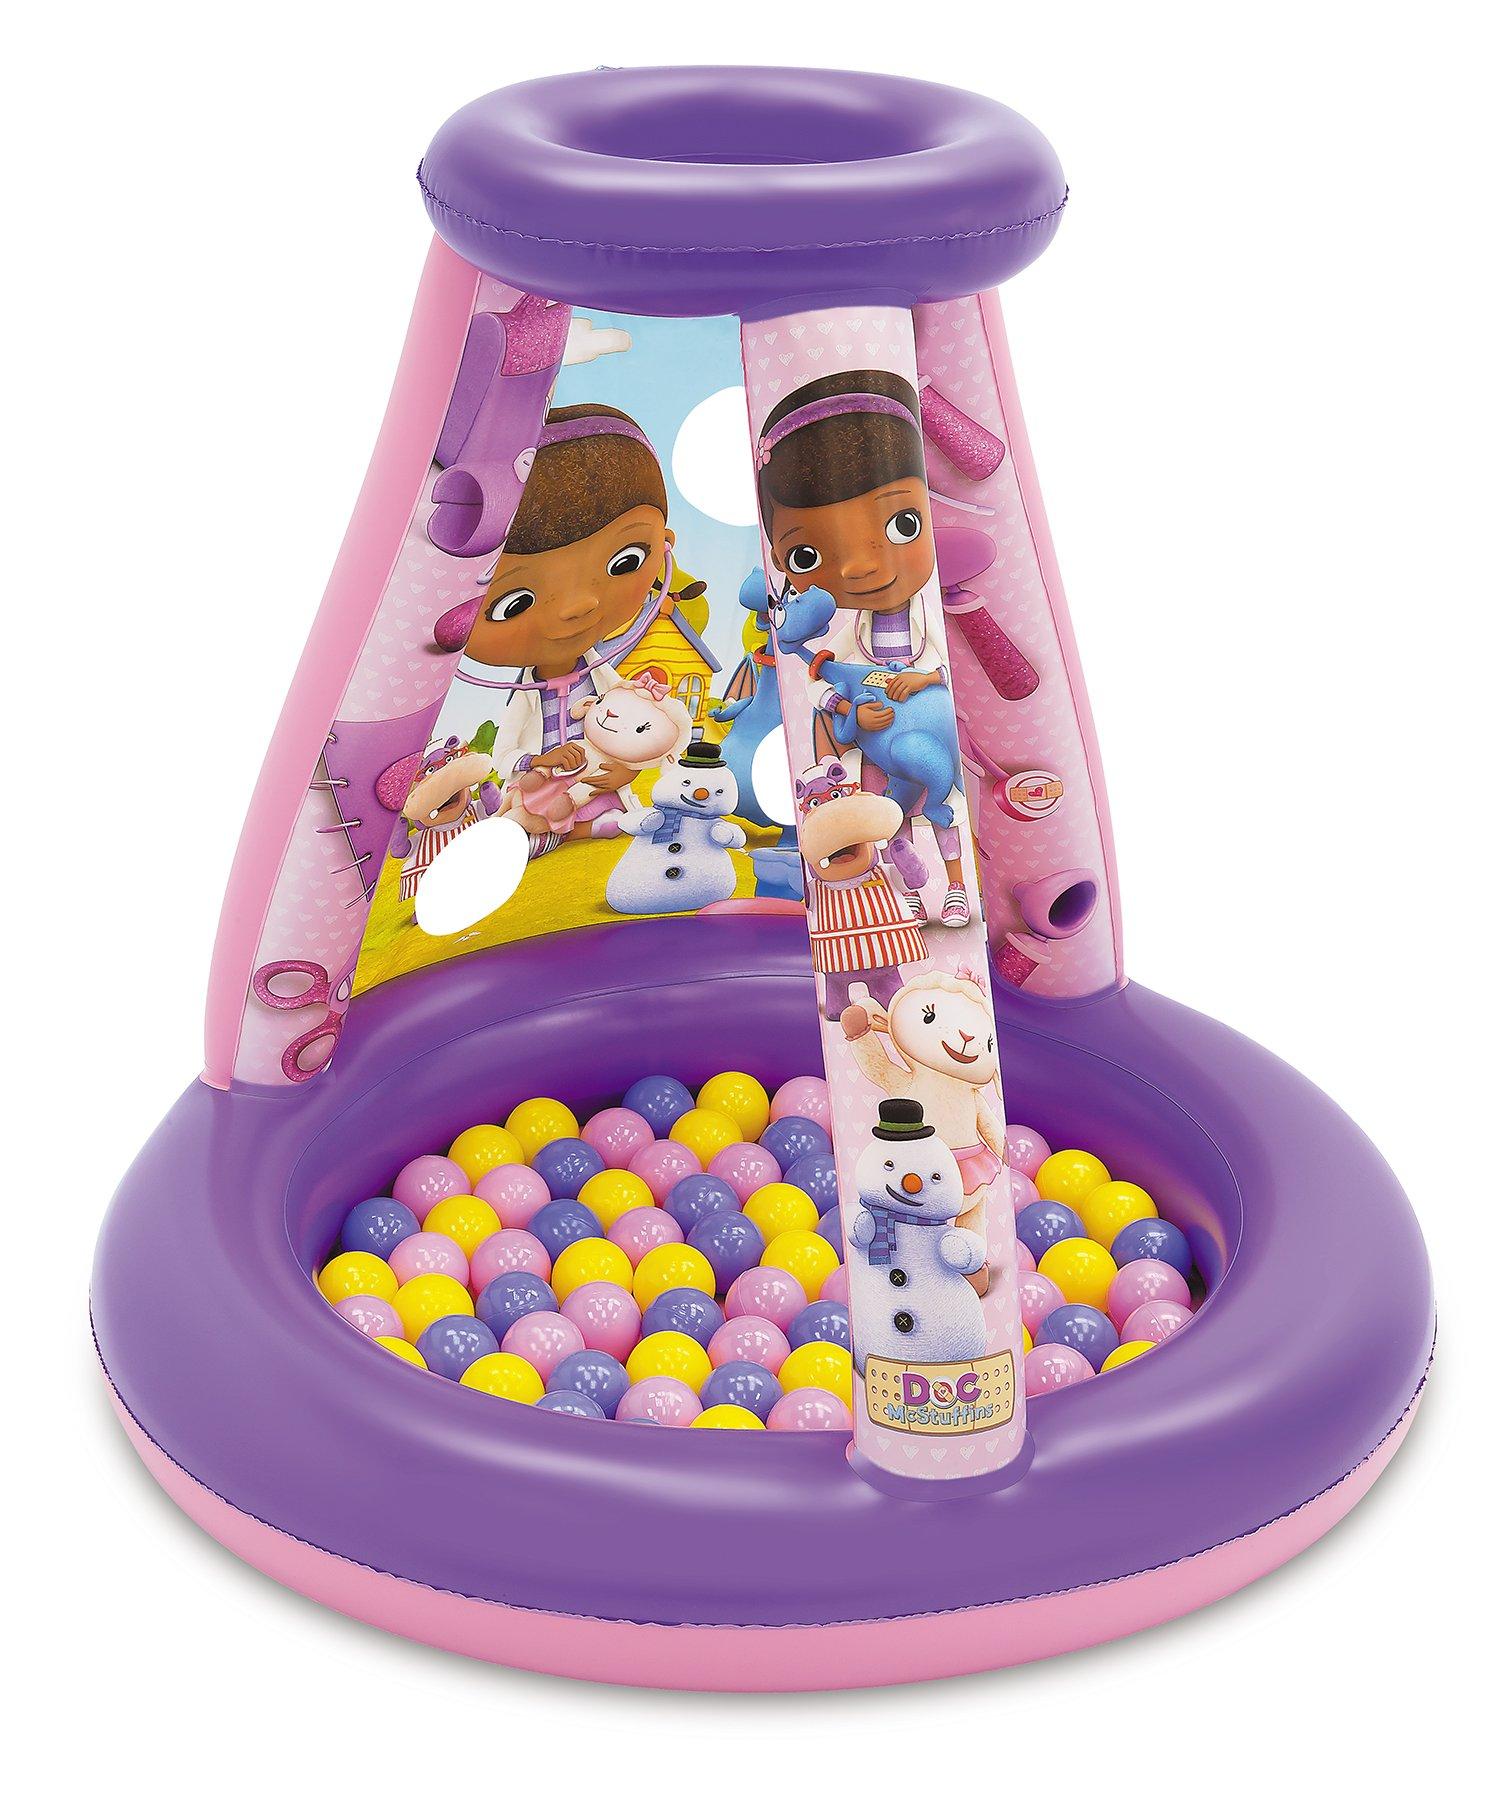 Doc McStuffins Friendship is The Best Medicine Ball Pit, 1 Inflatable & 15 Sof-Flex Balls, Purple/Pink, 28'' W x 28'' D x 33'' H by Doc McStuffins (Image #1)